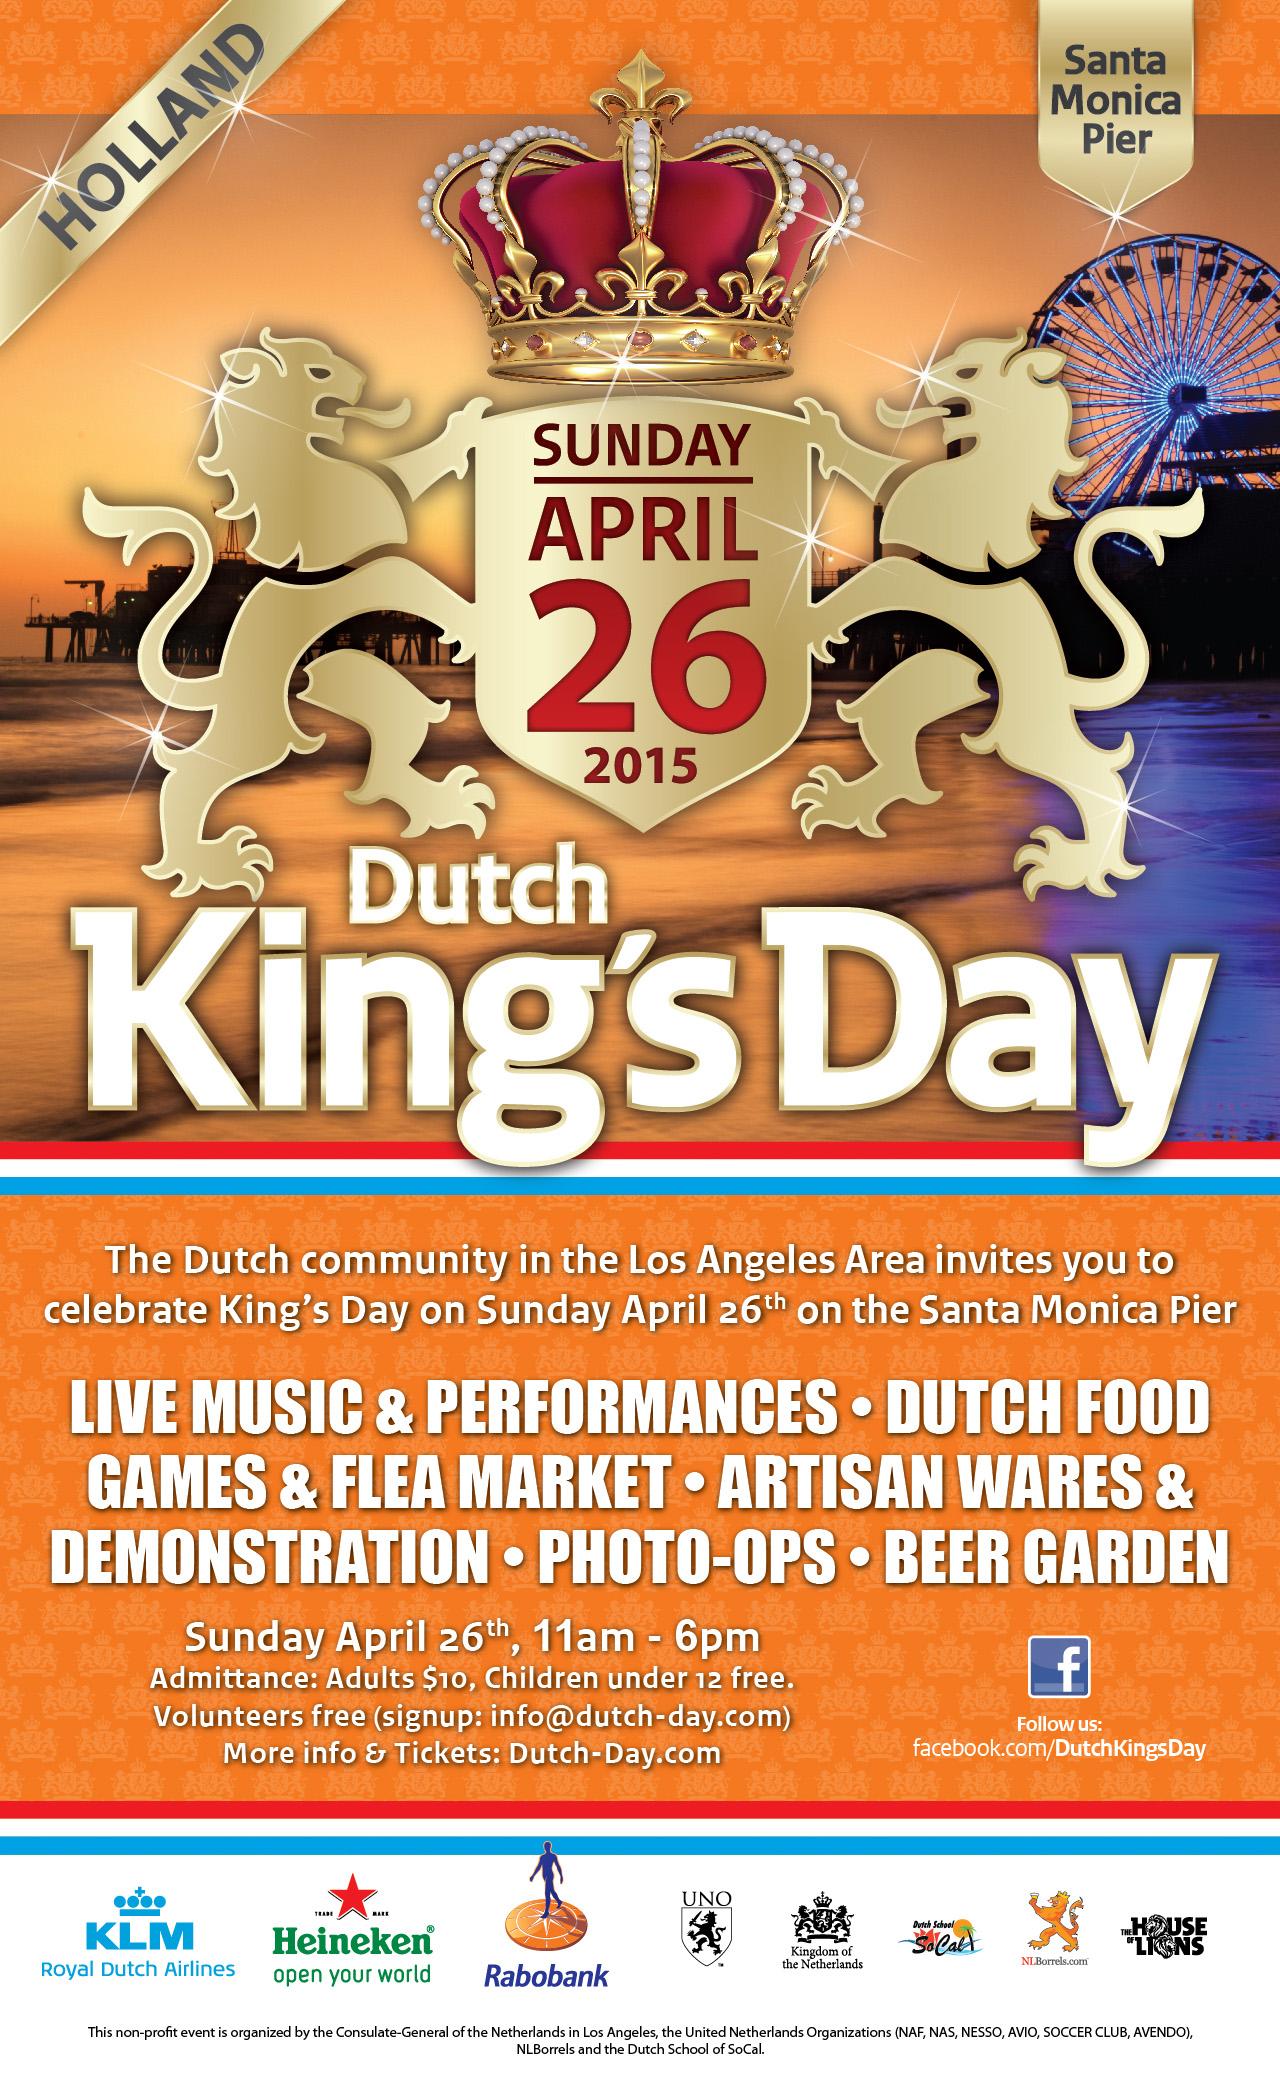 LA_Koningsdag-2015_flyer_front_v2c